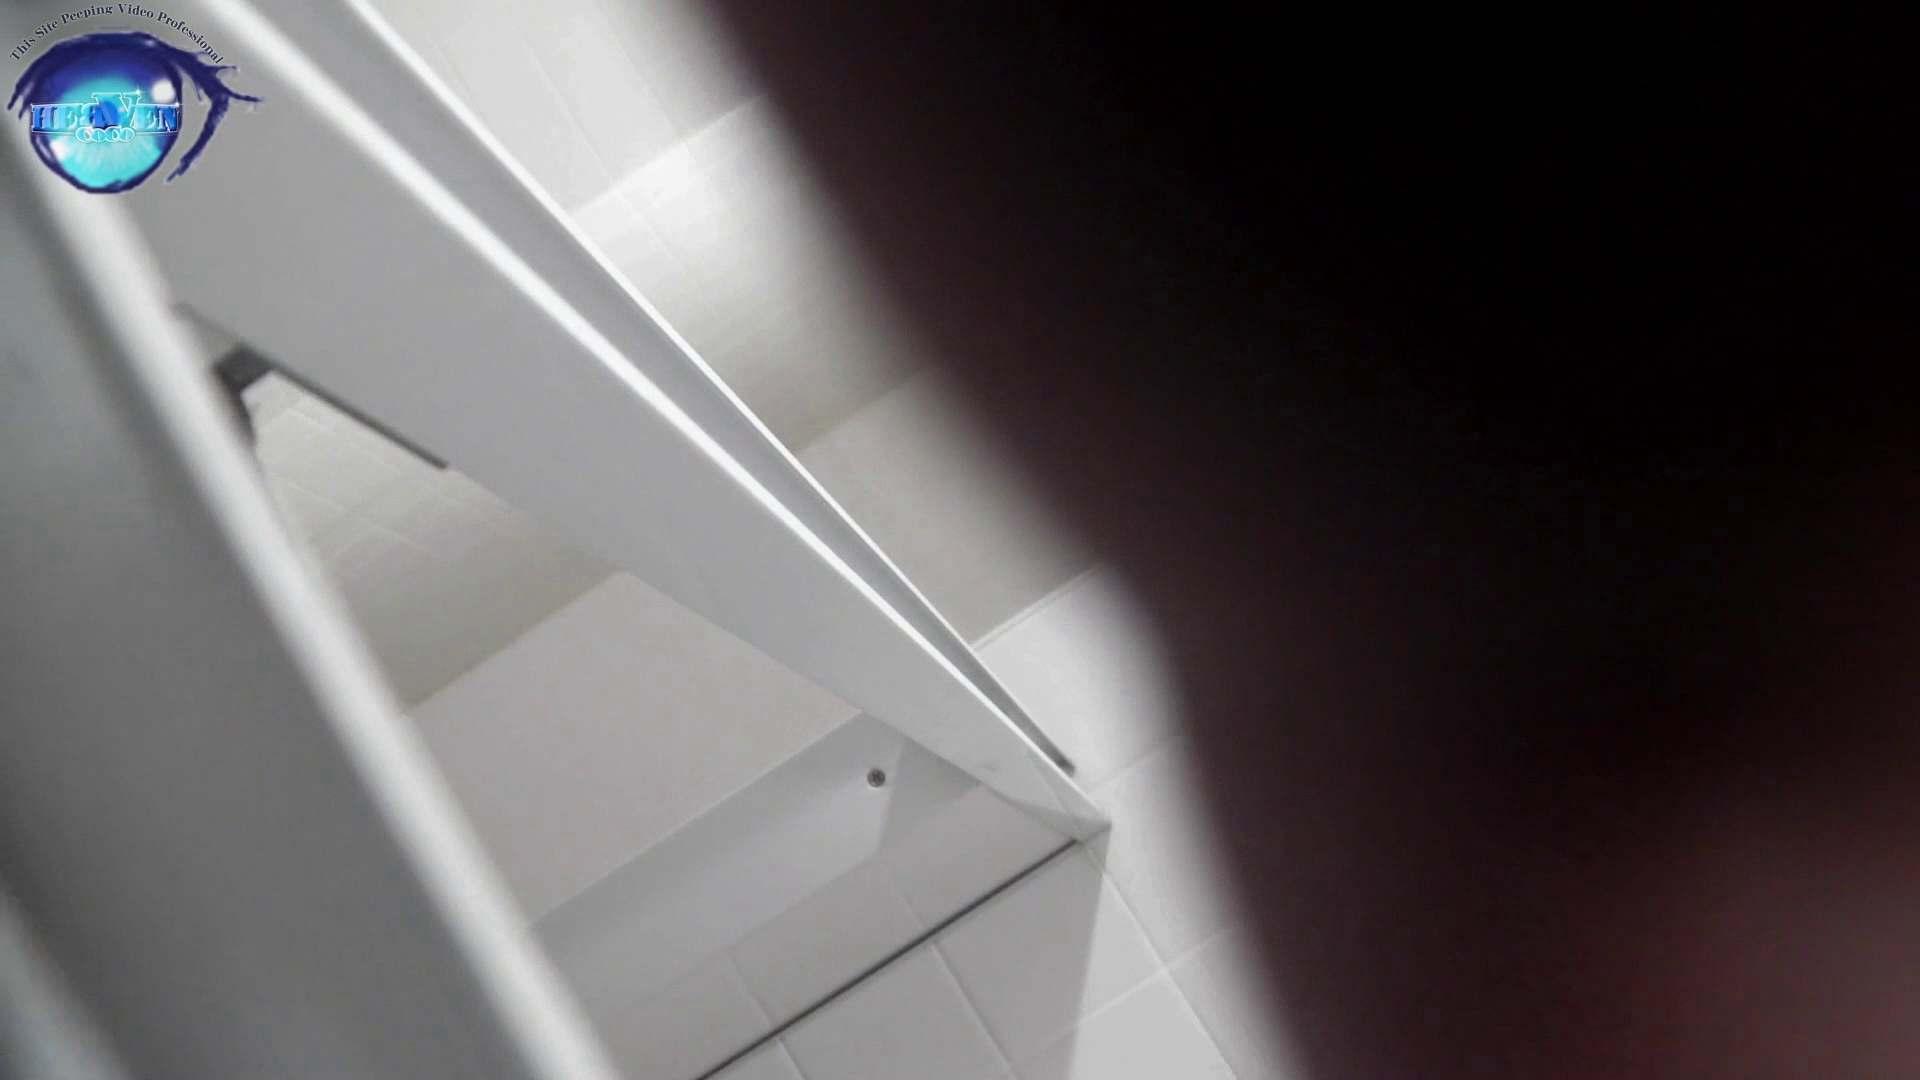 お銀さん vol.59 ピンチ!!「鏡の前で祈る女性」にばれる危機 前編 おまんこ見放題 | 盗撮シリーズ  83PIX 1